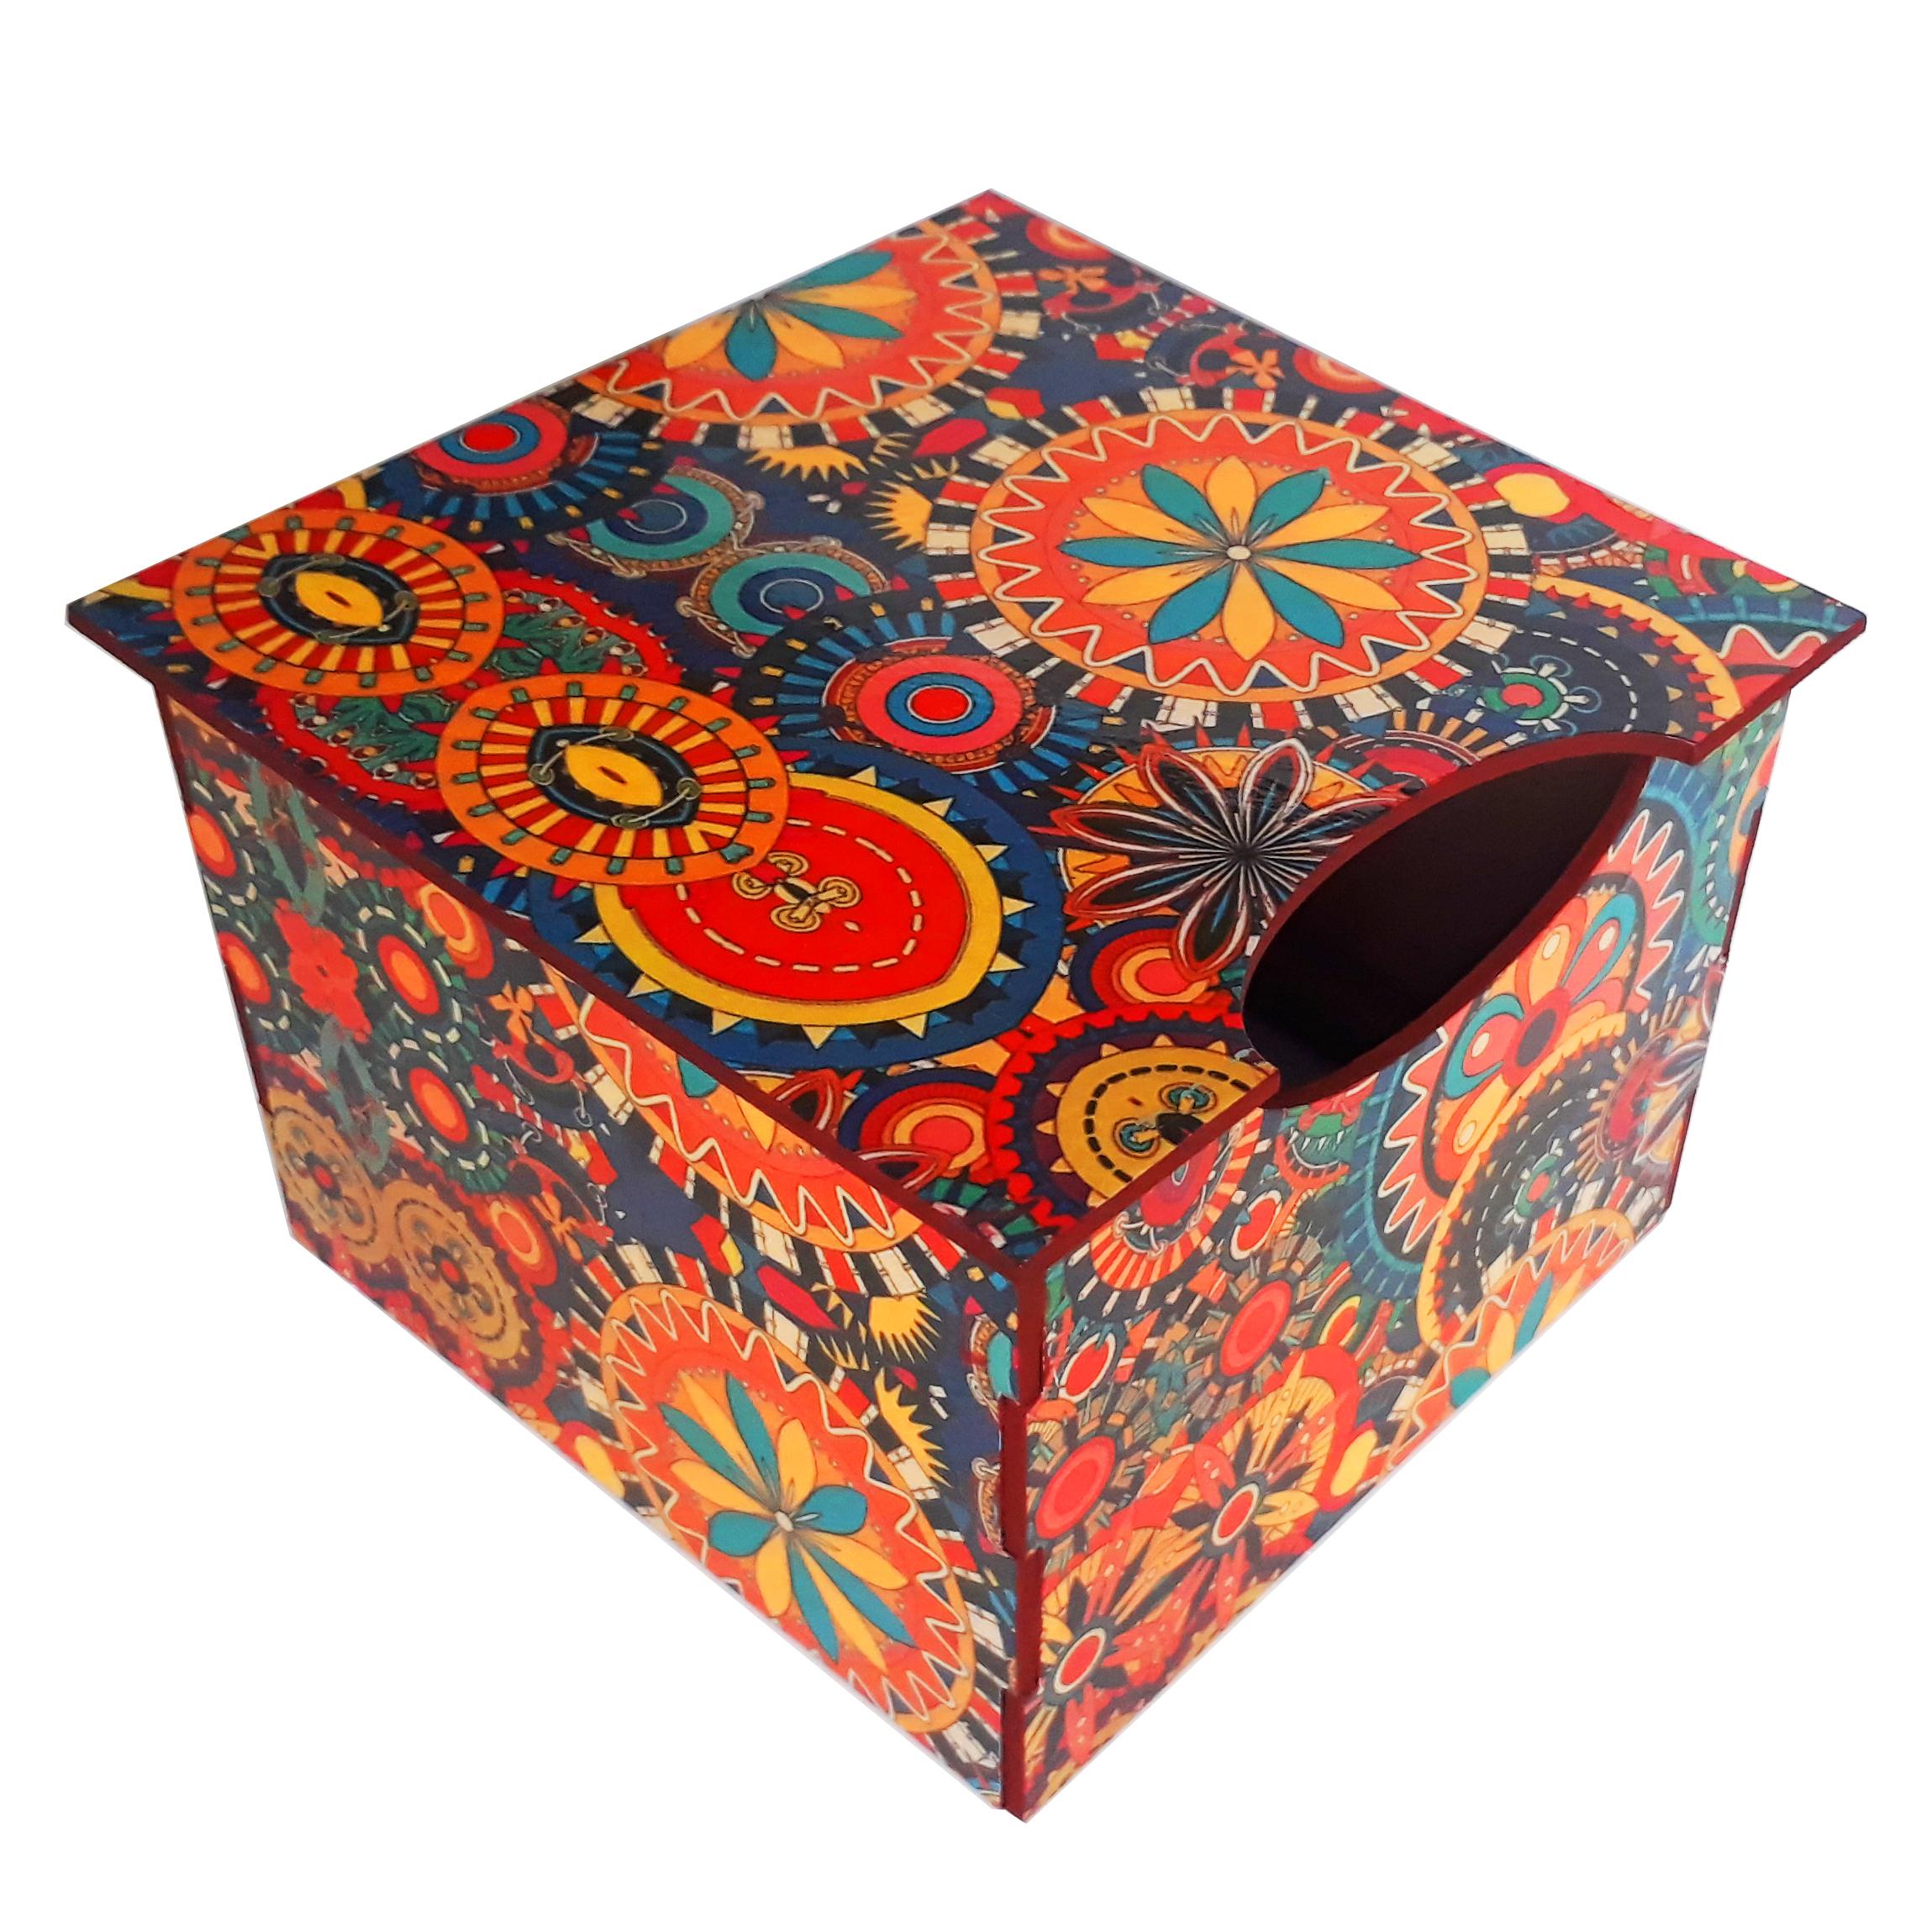 جعبه دستمال کاغذی مدل پرمیس کد DO125